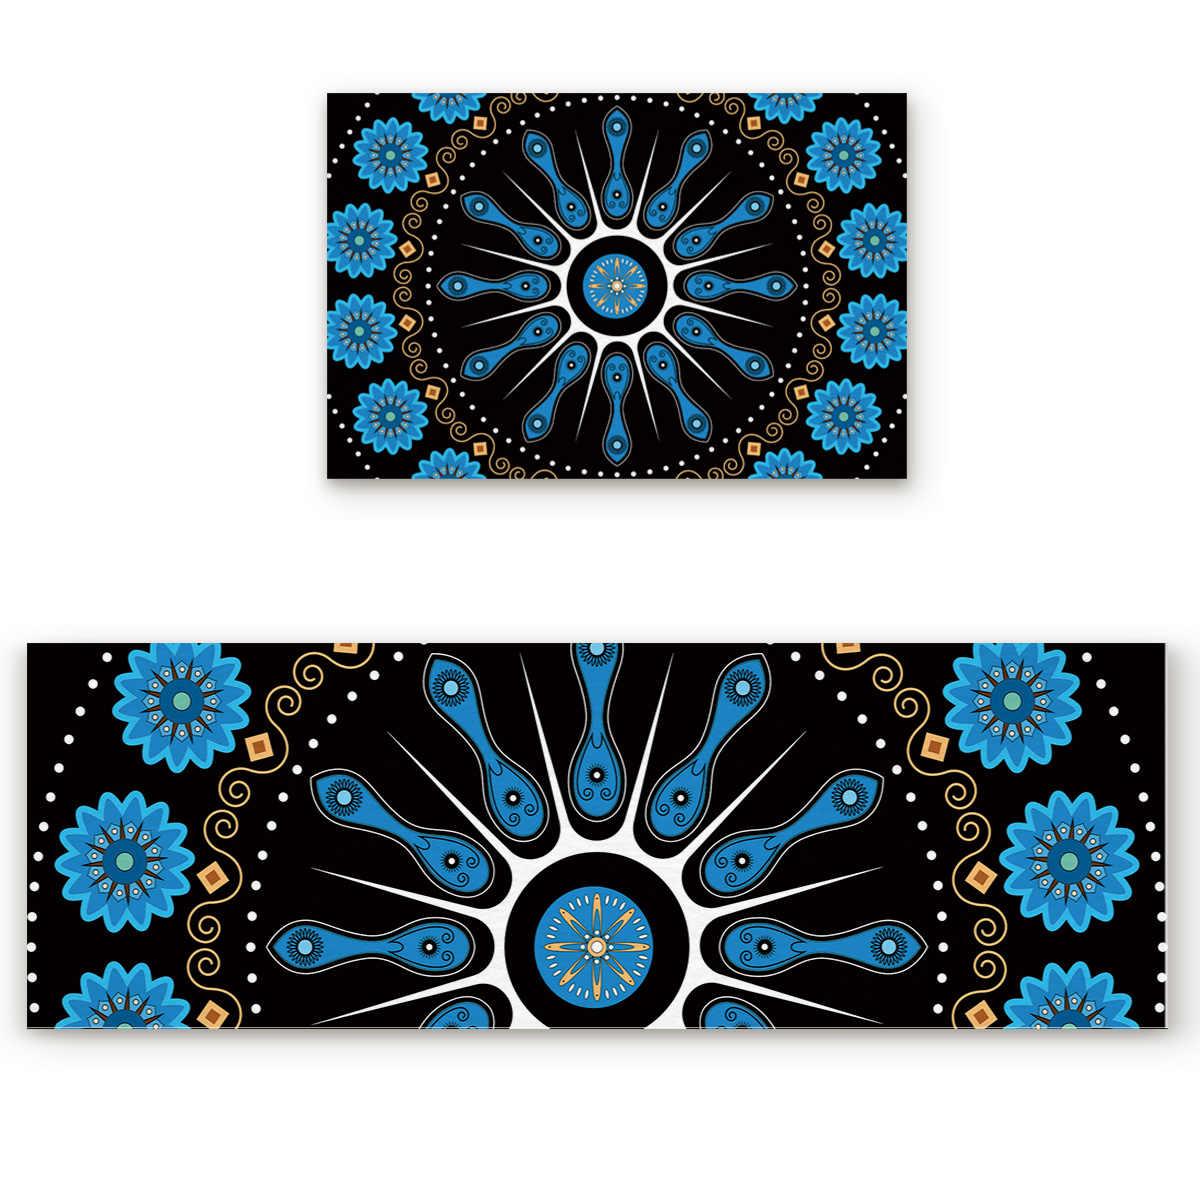 2 ピースキッチンマットやラグセット現代曼荼羅チョウセンアサガオ仏教エスニックホーム Deocr 非スキッドエリアランナー玄関マットカーペット